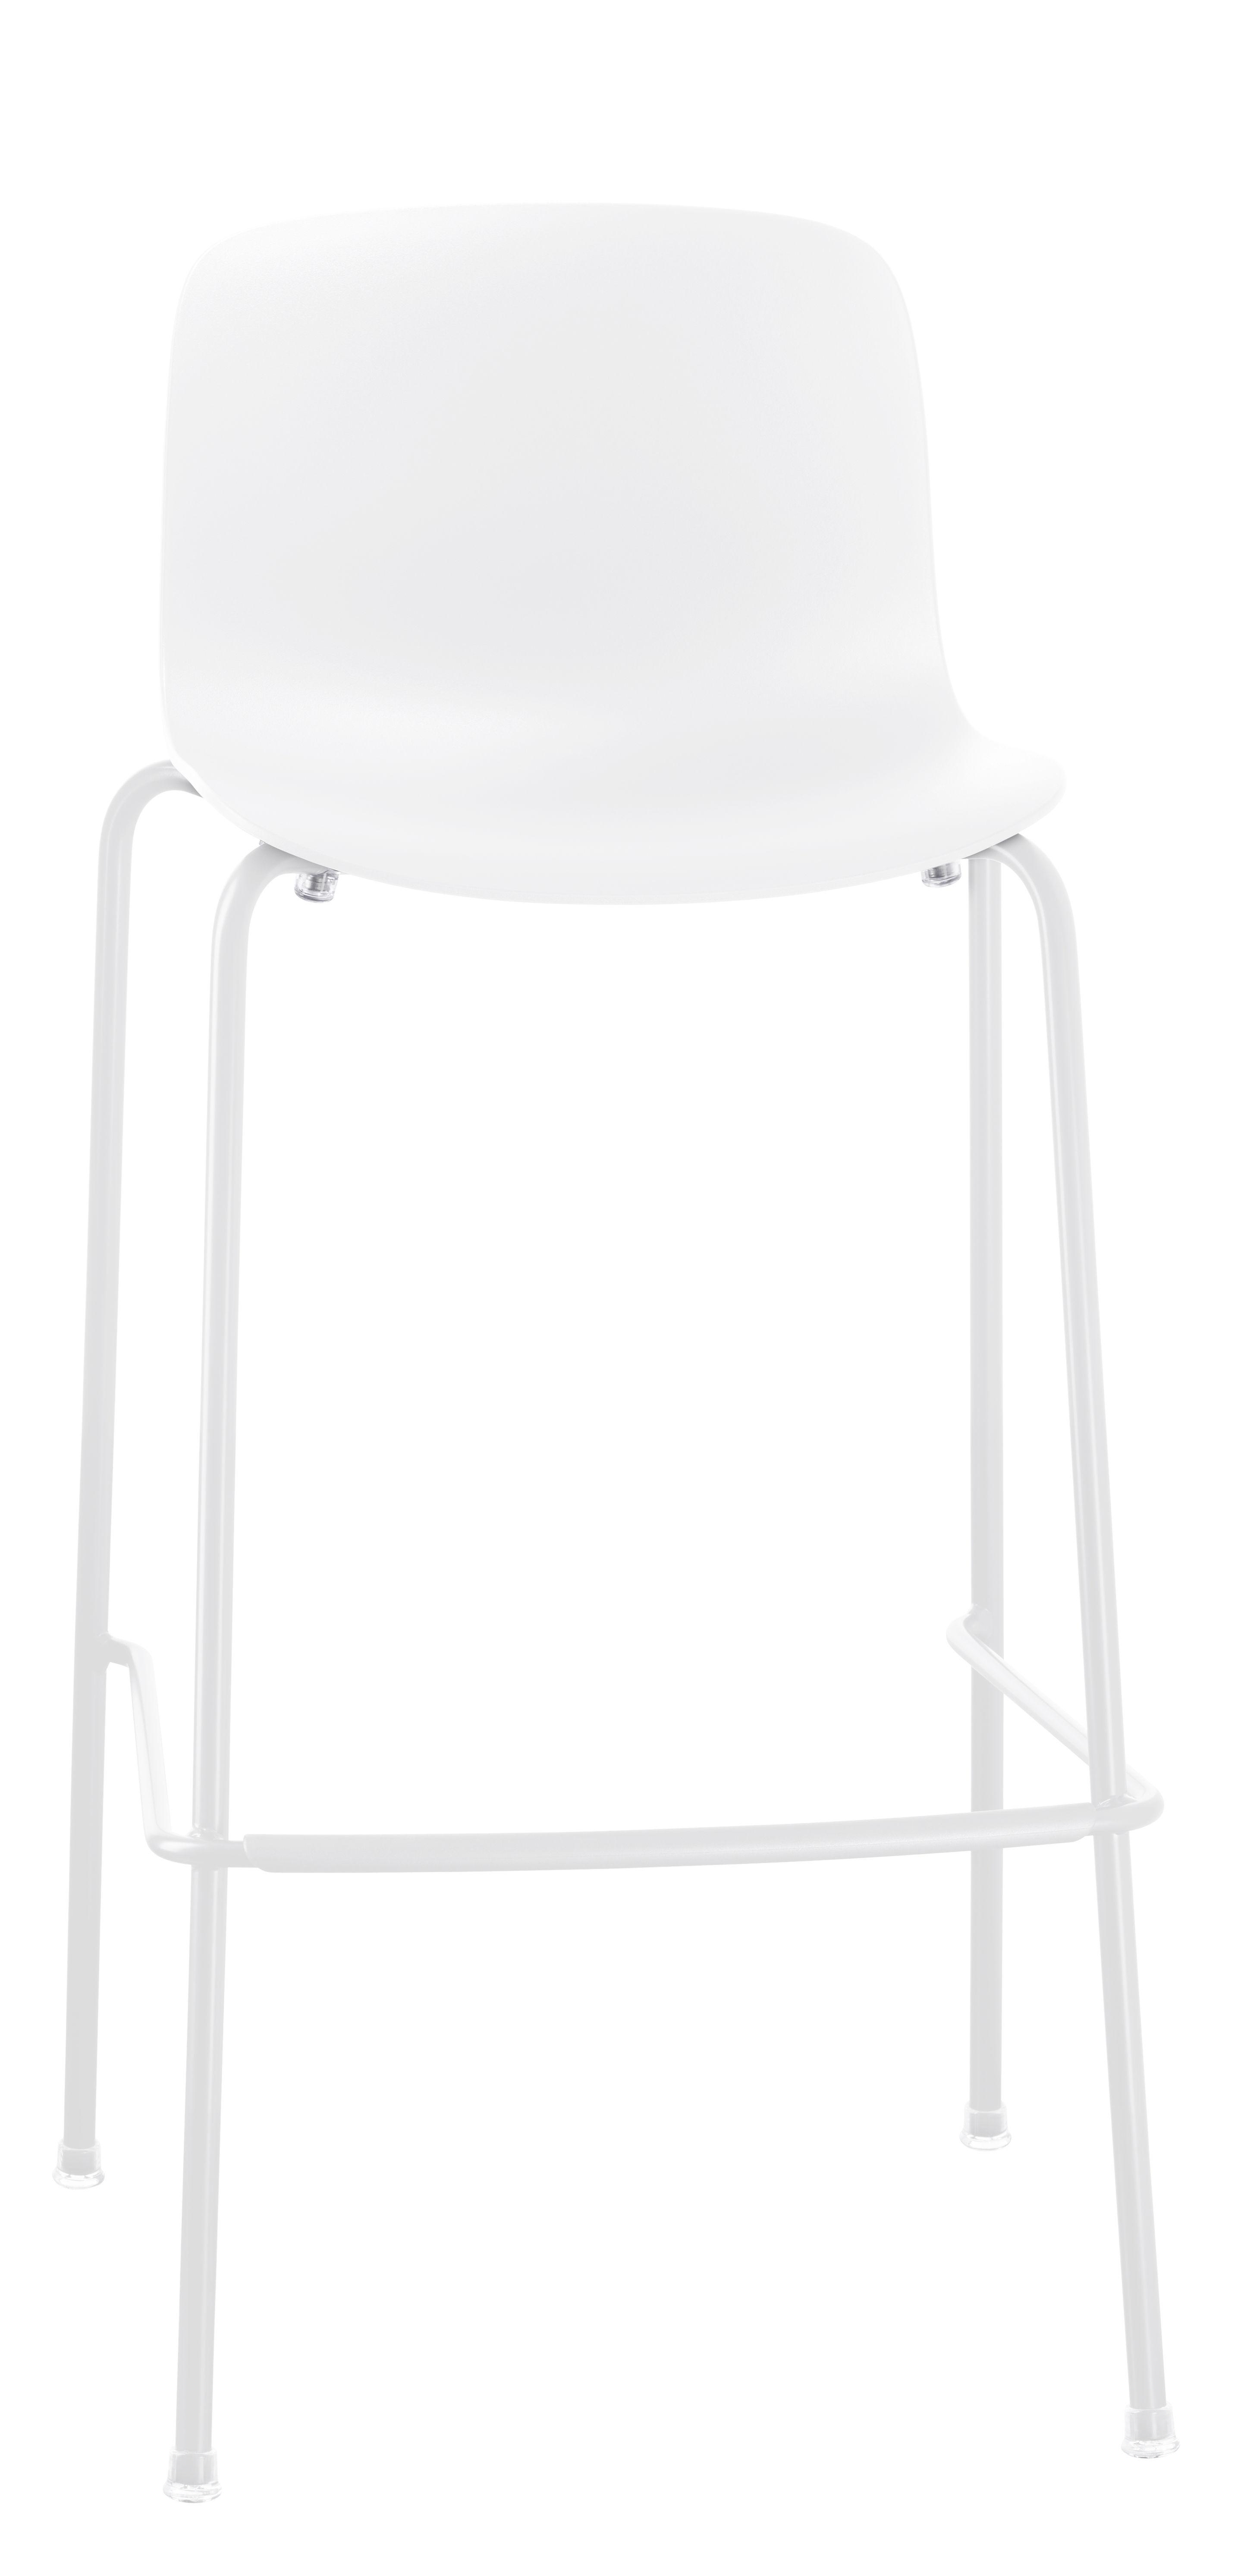 Mobilier - Tabourets de bar - Tabouret de bar Troy Outdoor / Plastique & pieds métal - H 65 cm - Magis - Blanc - Acier, Polypropylène